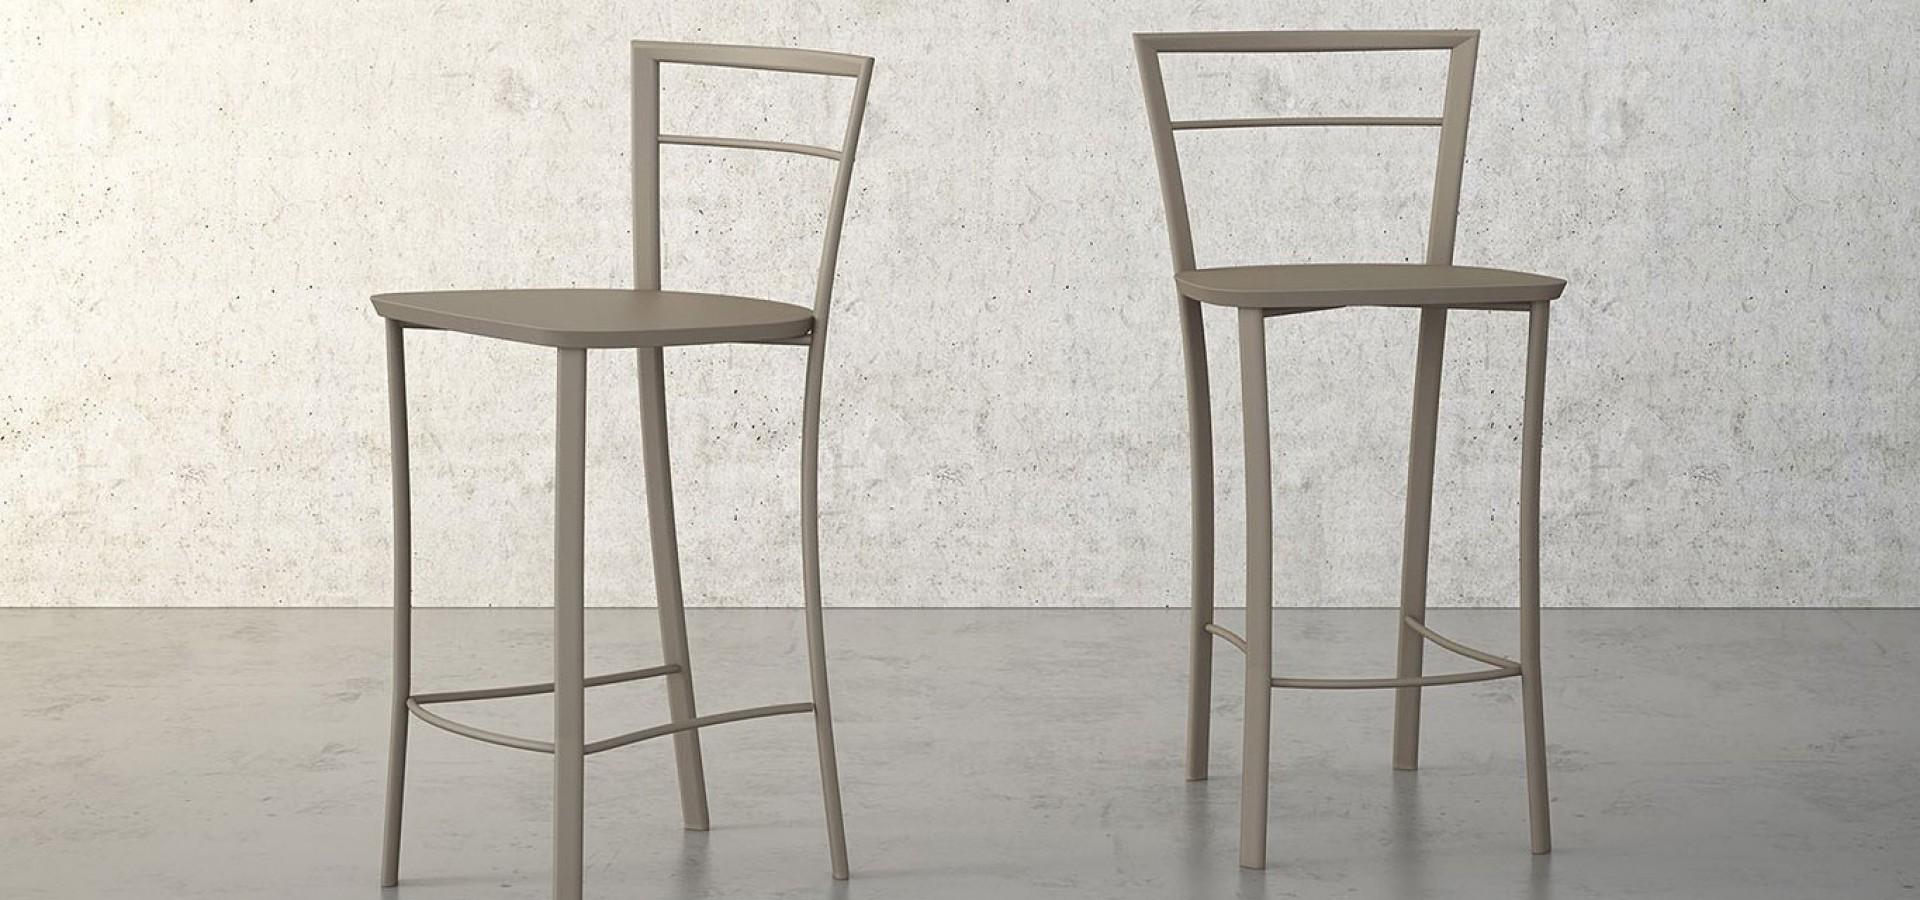 Итальянский стул Барный стул Nicole | Стул Барный стул Nicole ARREDO3